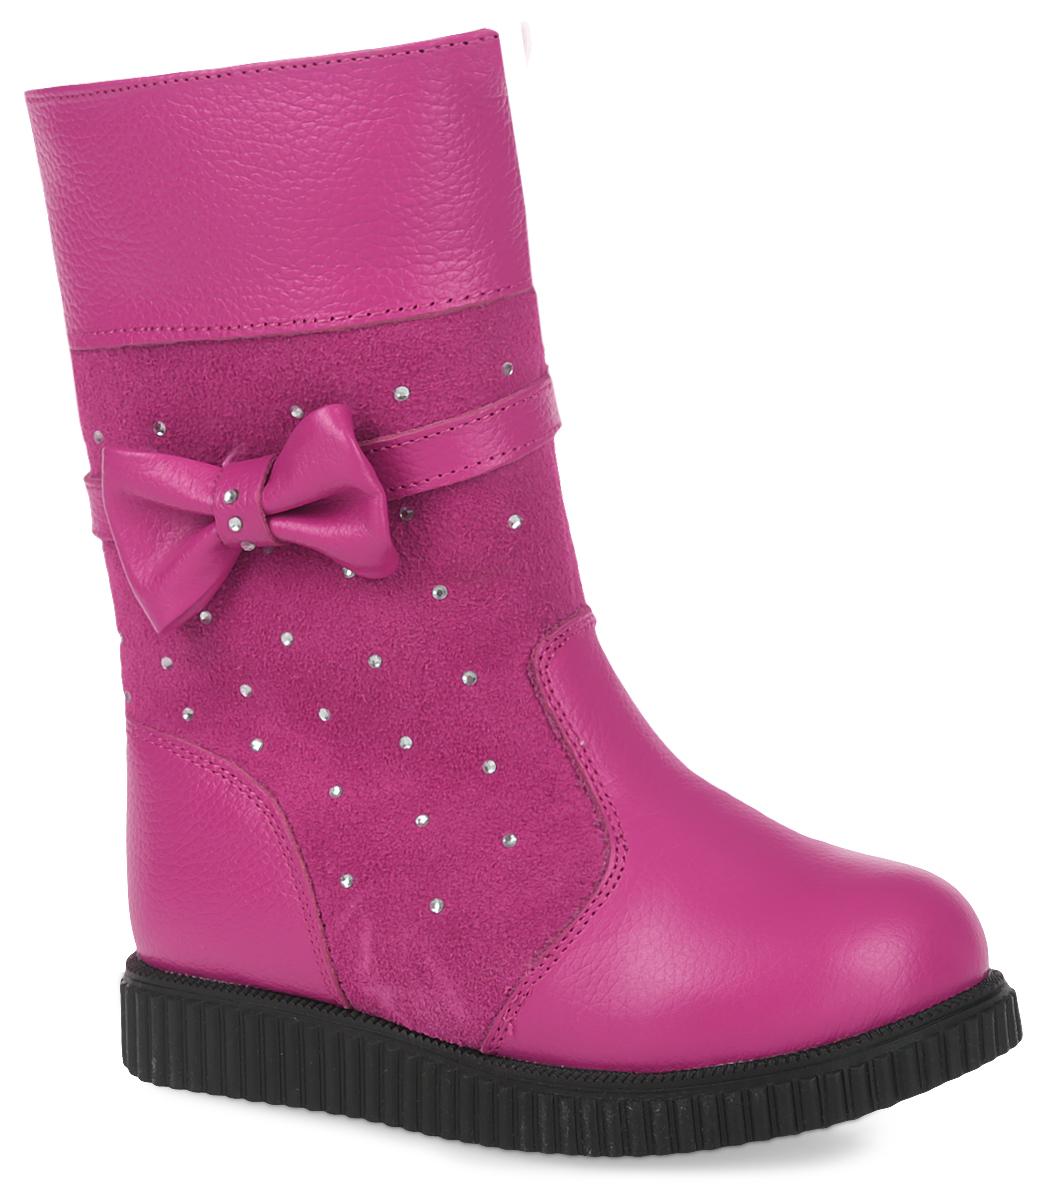 Сапоги для девочки Зебра, цвет: розовый. 11120-9. Размер 2811120-9Удобные сапоги от Зебра выполнены из натуральной кожи в сочетании с замшей. Застежка-молния надежно фиксирует изделие на ноге. Мягкая подкладка и стелька из шерсти обеспечивают тепло, циркуляцию воздуха и сохраняют комфортный микроклимат в обуви. Сбоку модель оформлена декоративным бантиком и стразами.